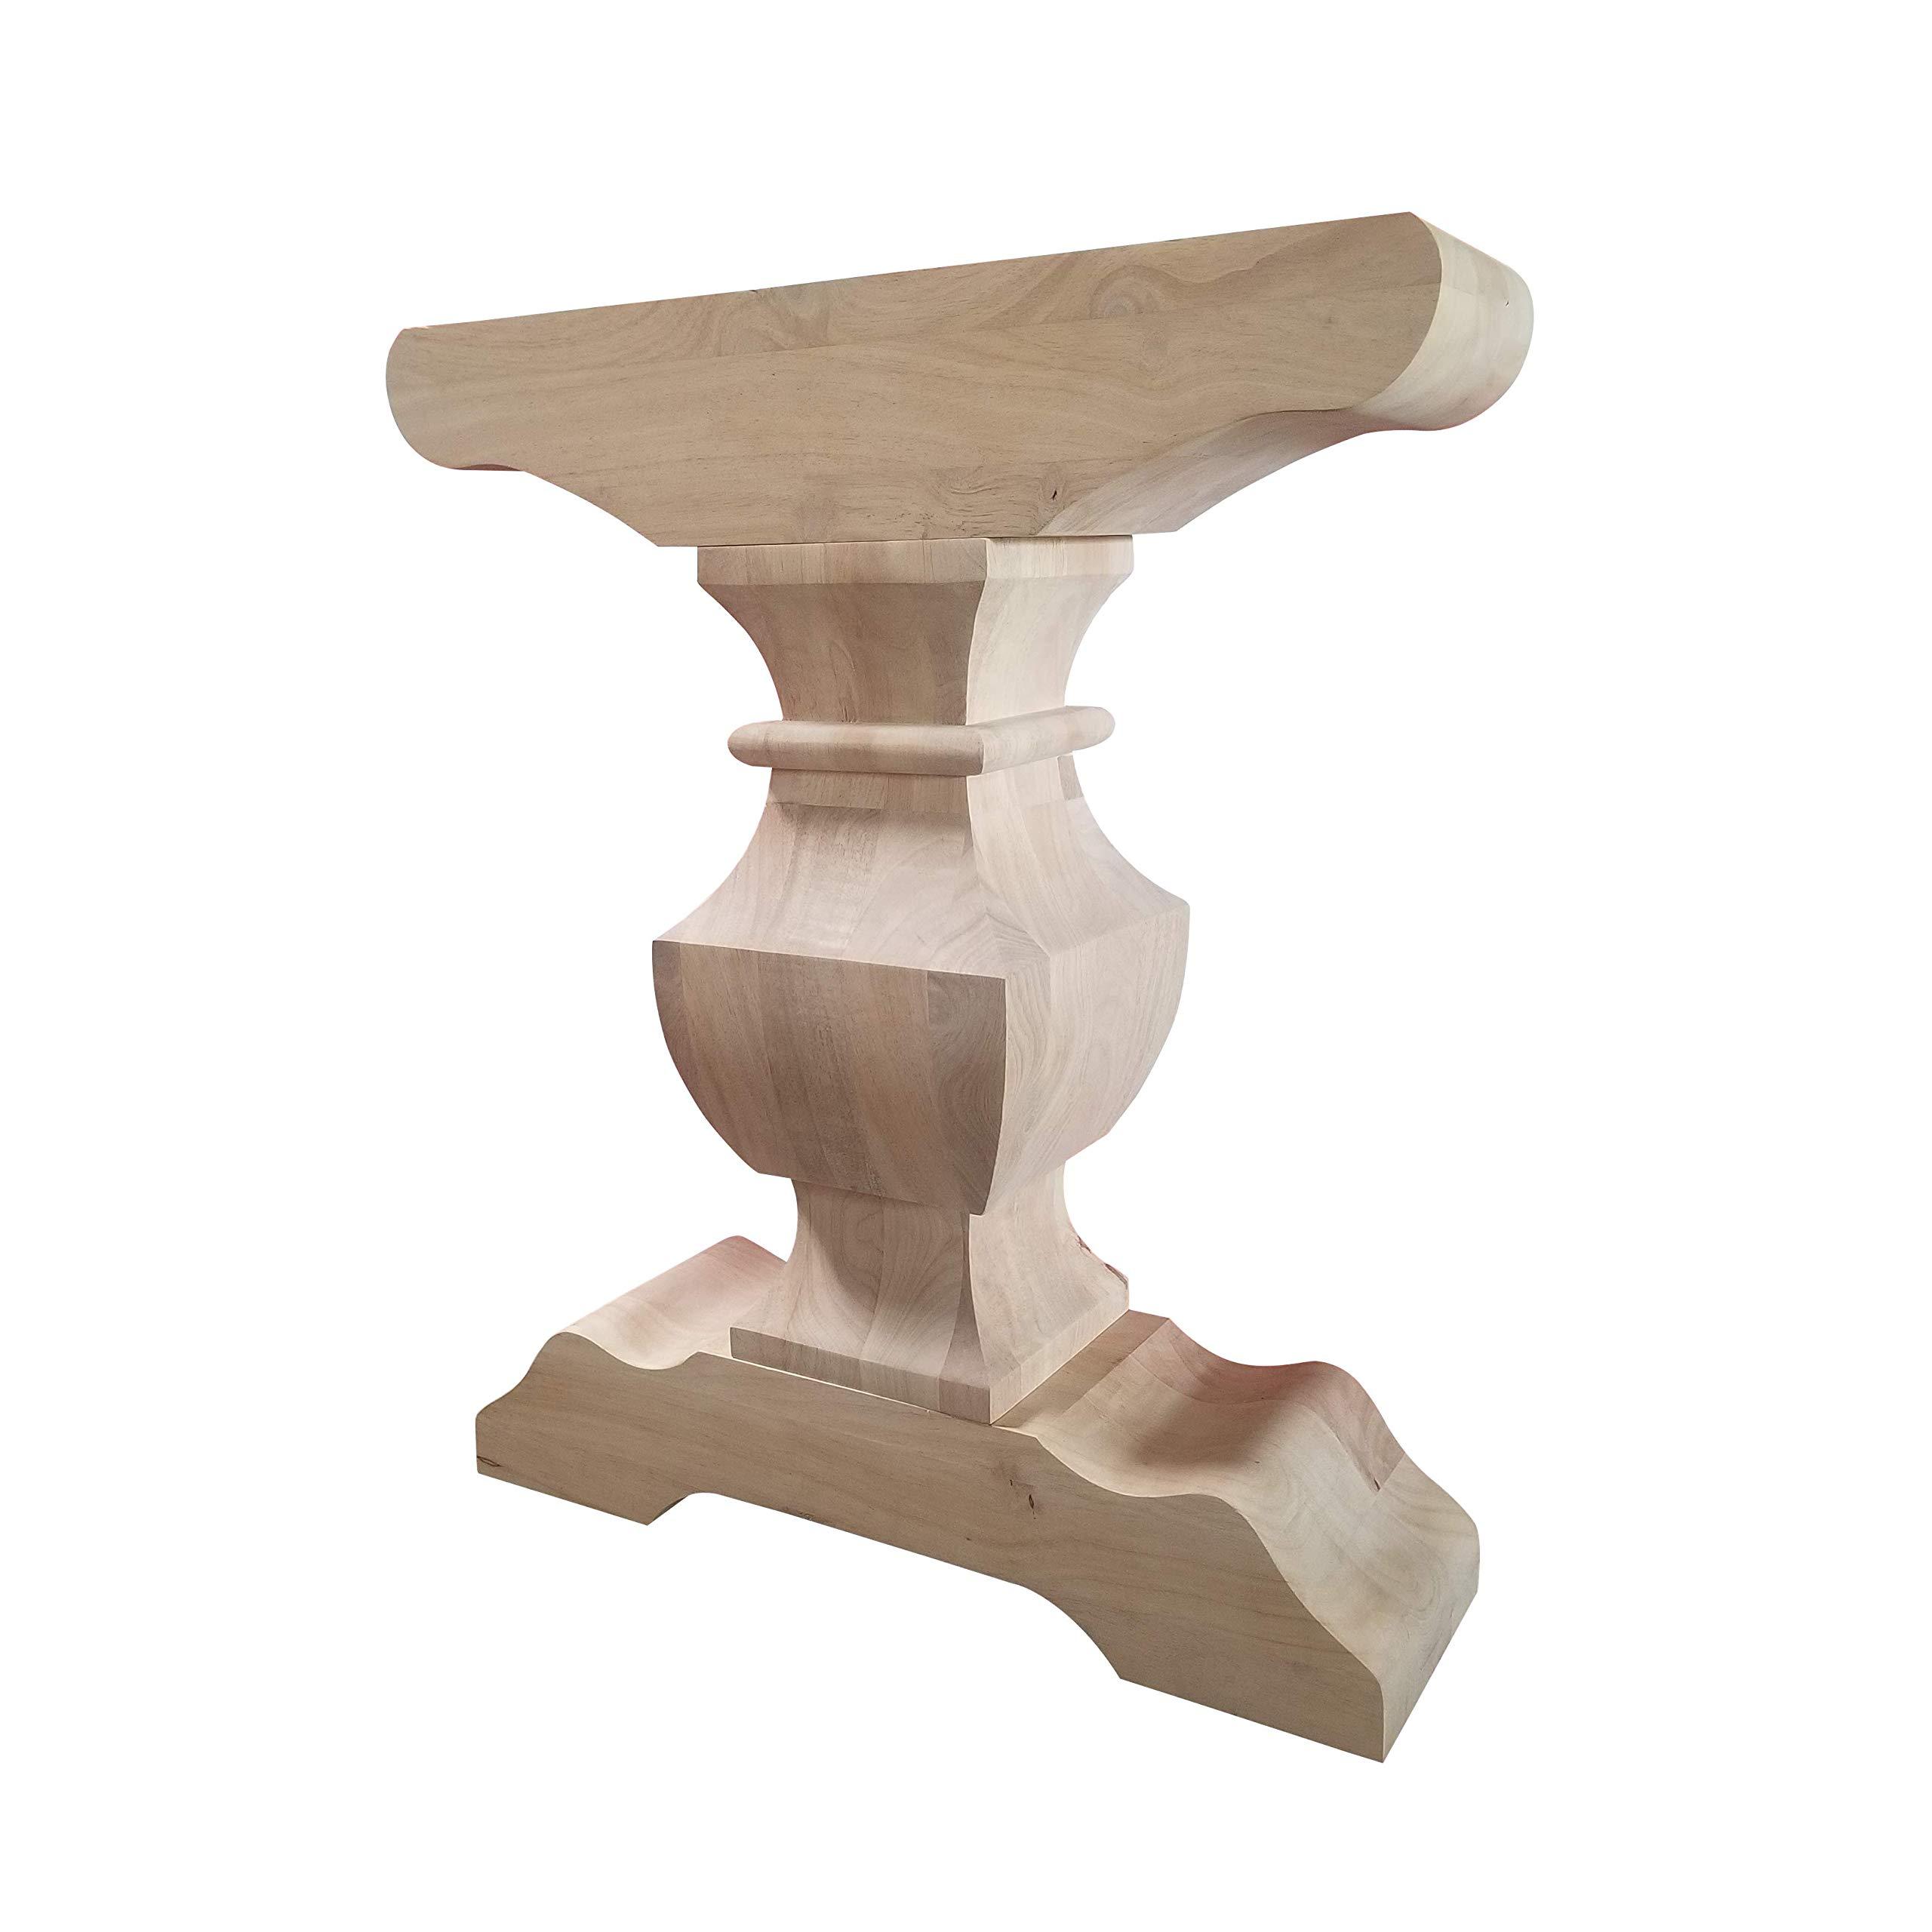 Trestle Table Base- Single Hardwood Pedestal- Design 59 (P02) by Design 59